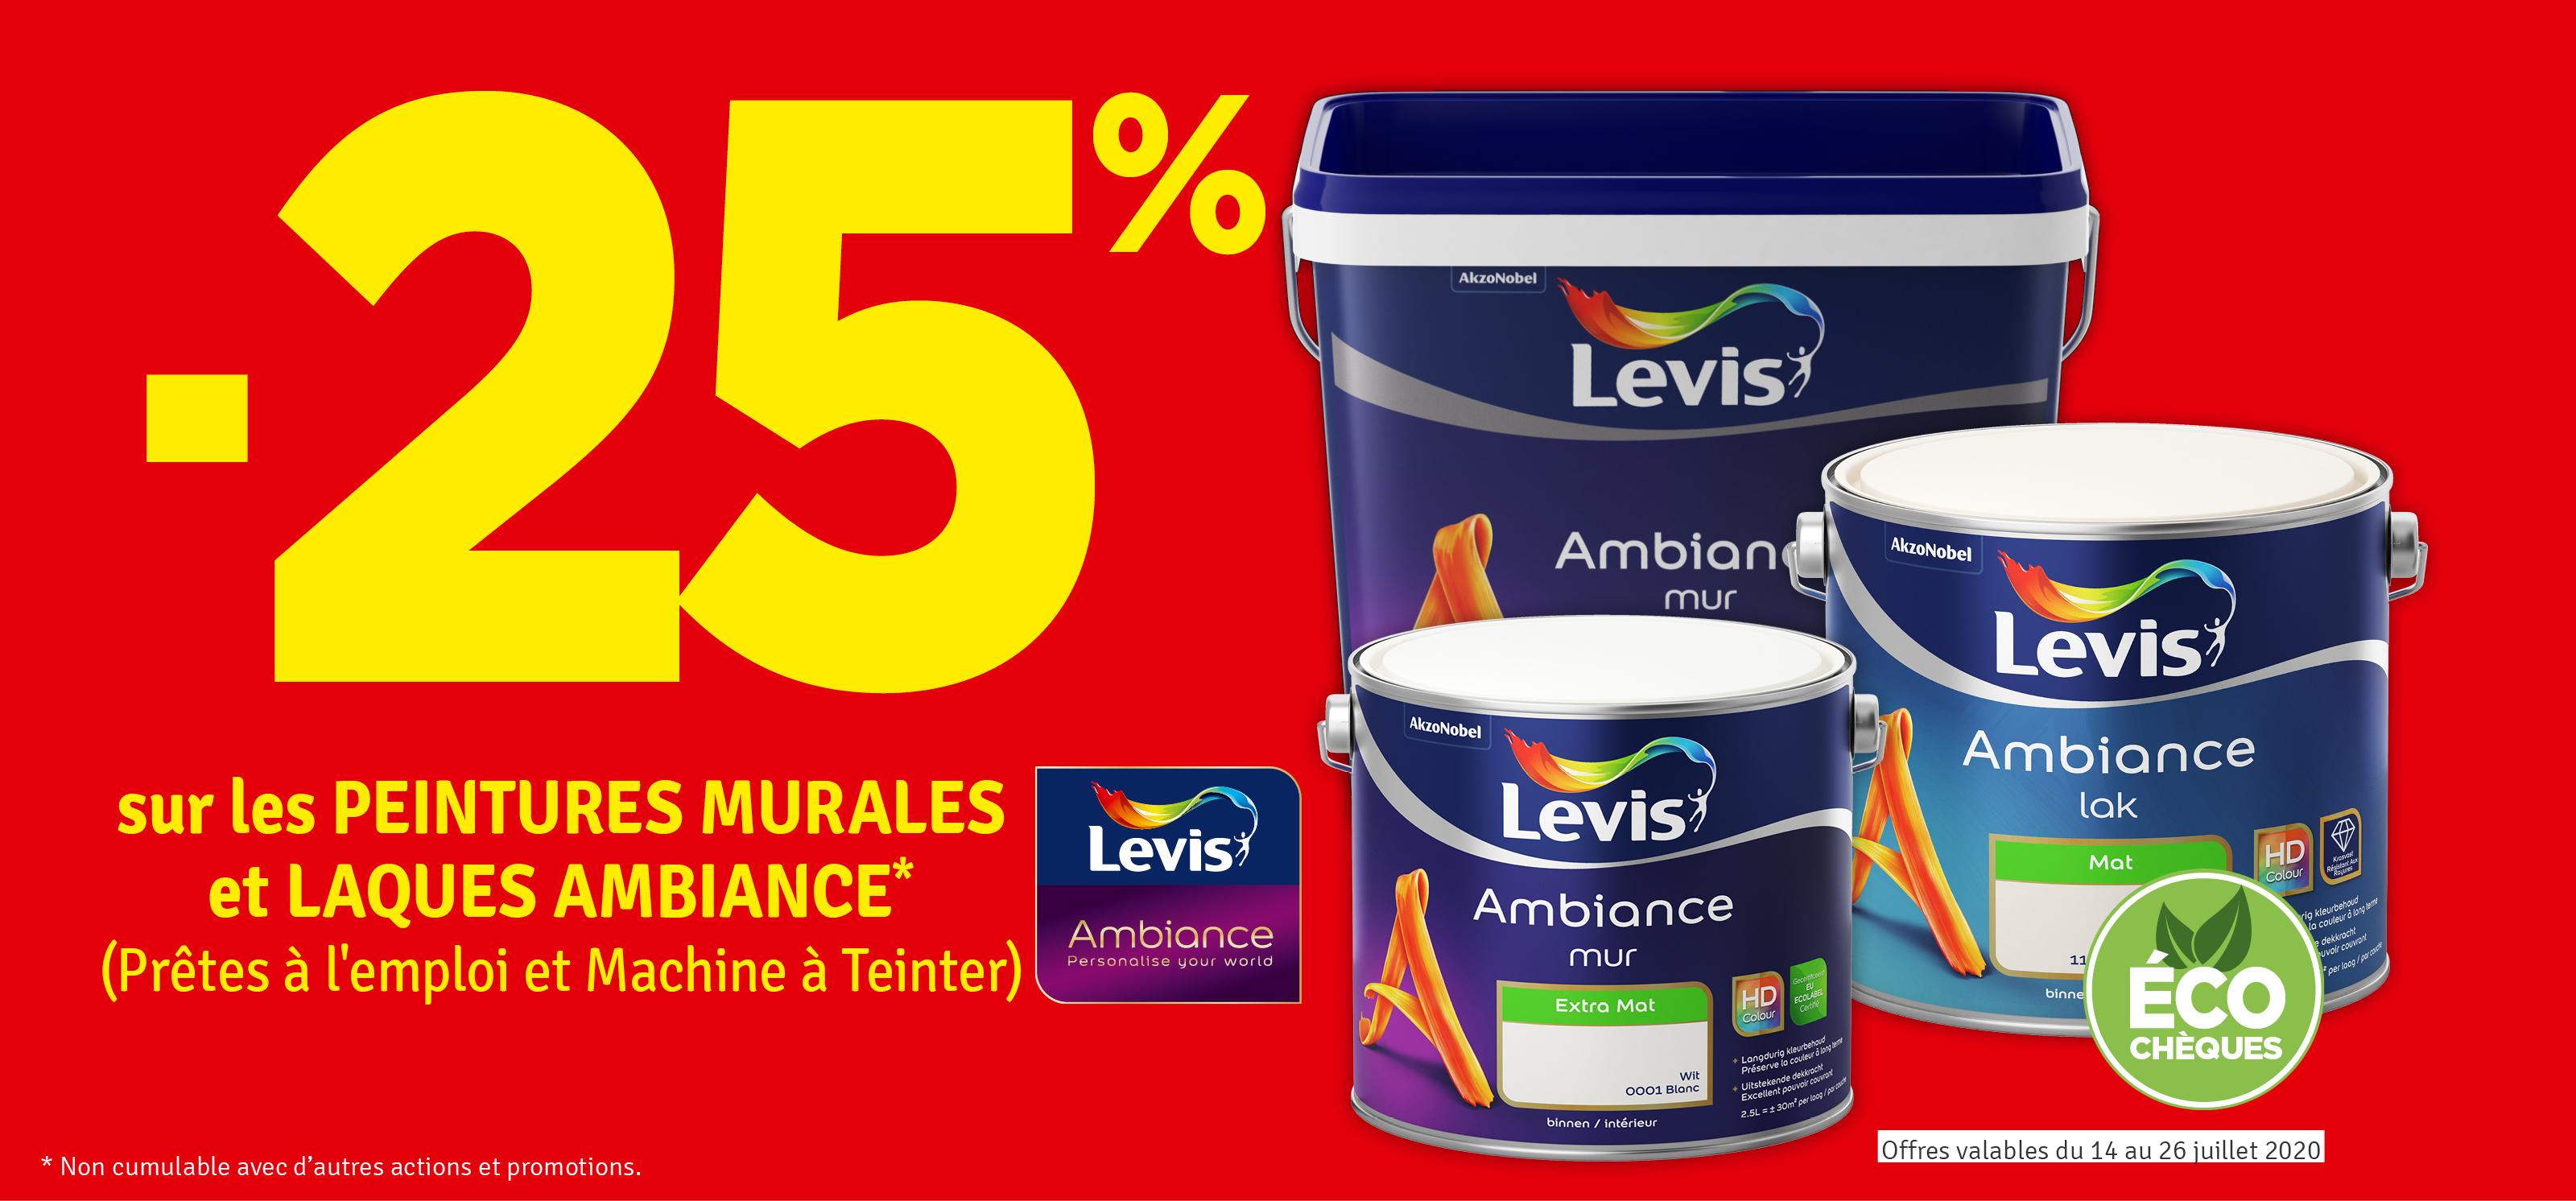 Promo - -25 % sur les peintures murales et laques Ambiance LEVIS